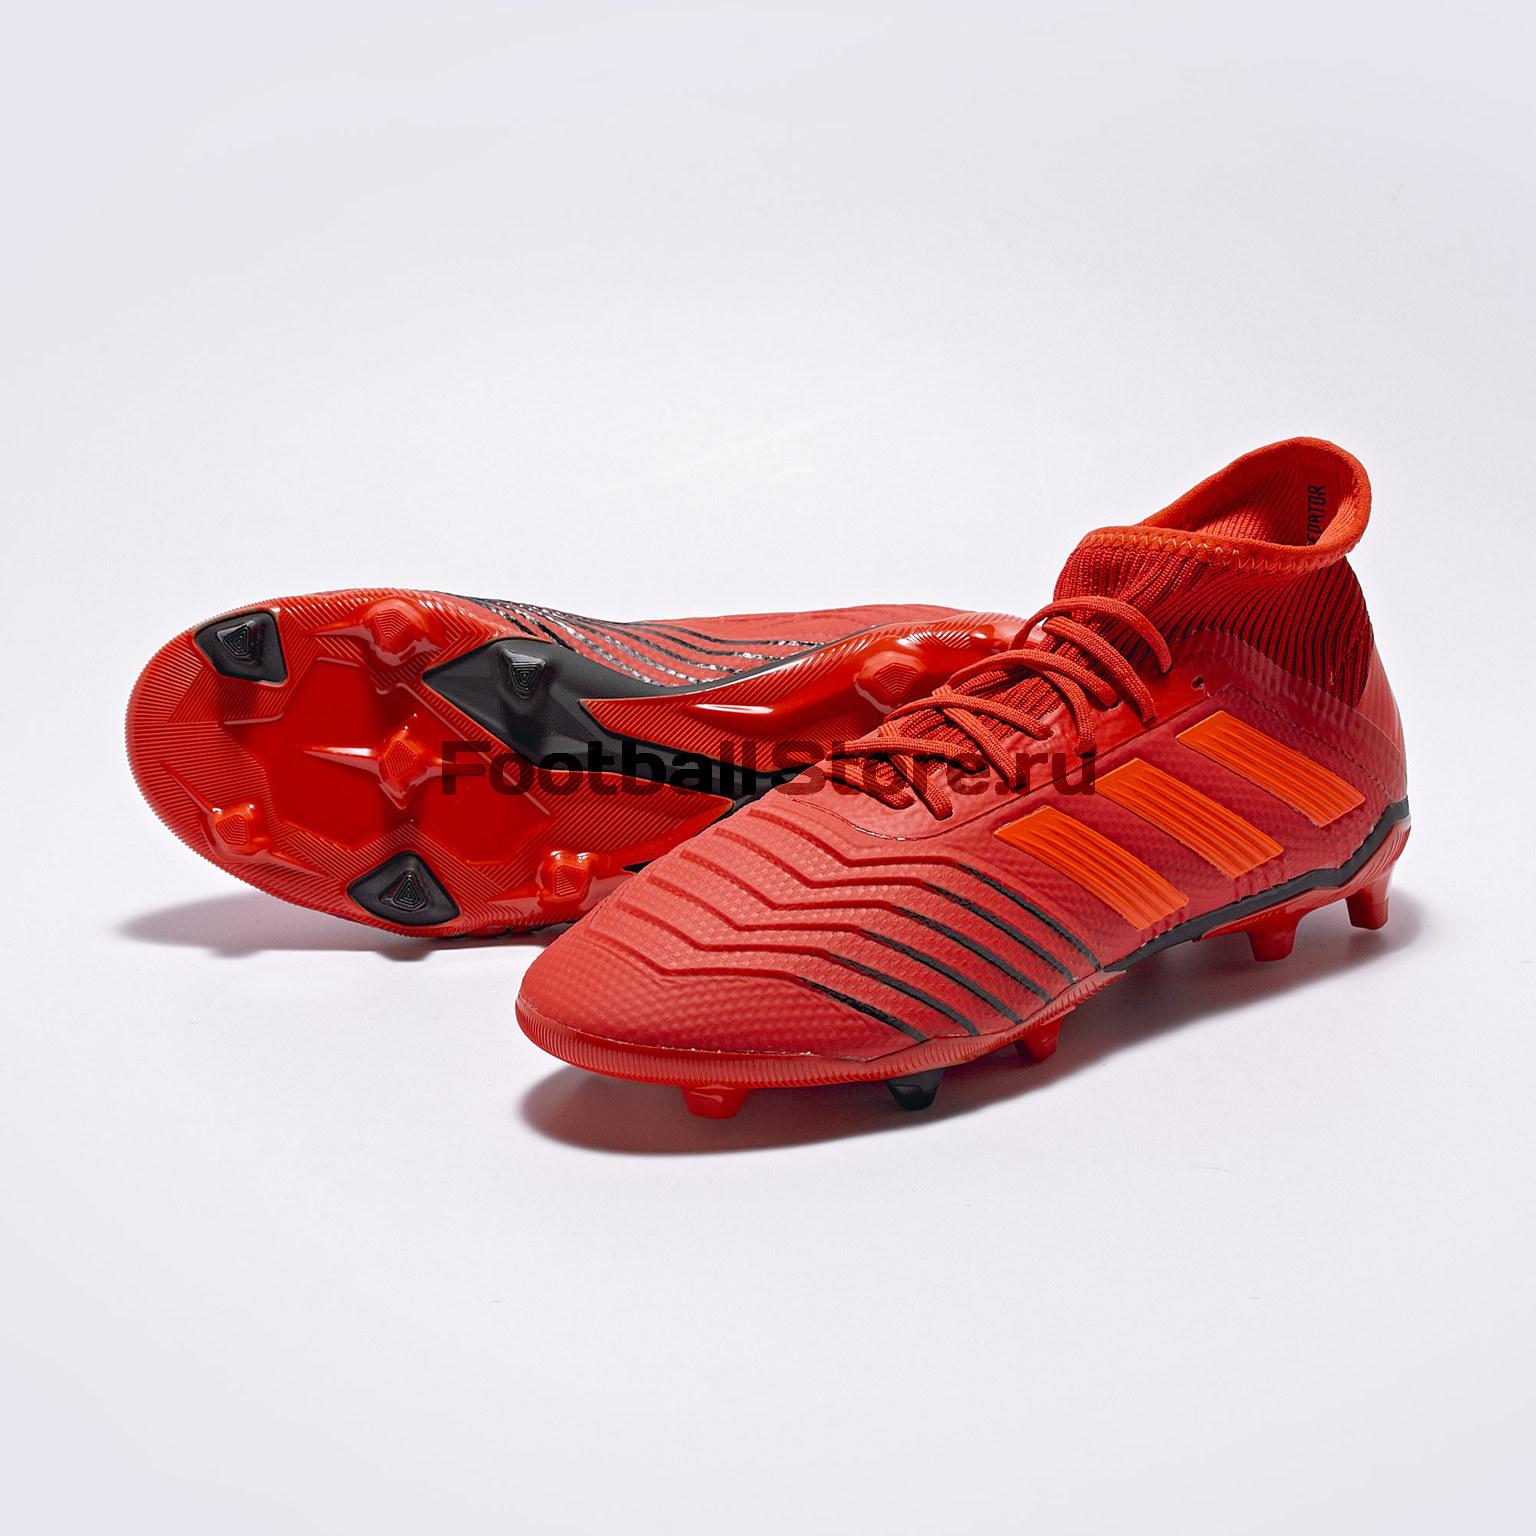 Бутсы детские Adidas Predator 19.1 FG CM8529 бутсы adidas predator 18 3 fg db2001